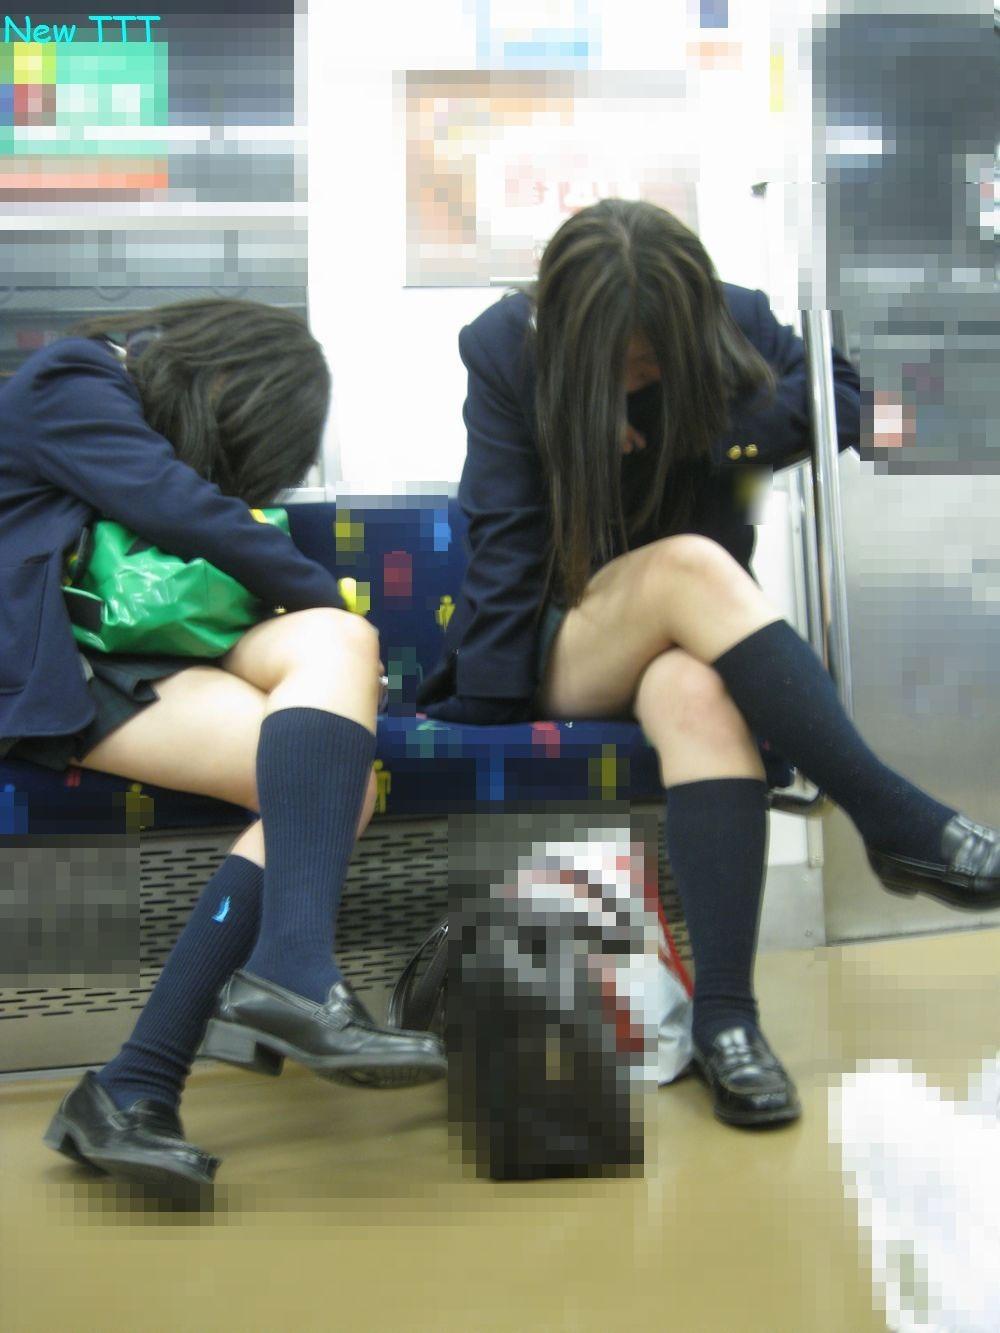 【電車内JK画像】むっ、JKが座席でムッチリ太もも晒してる…とりあえず視姦www 17